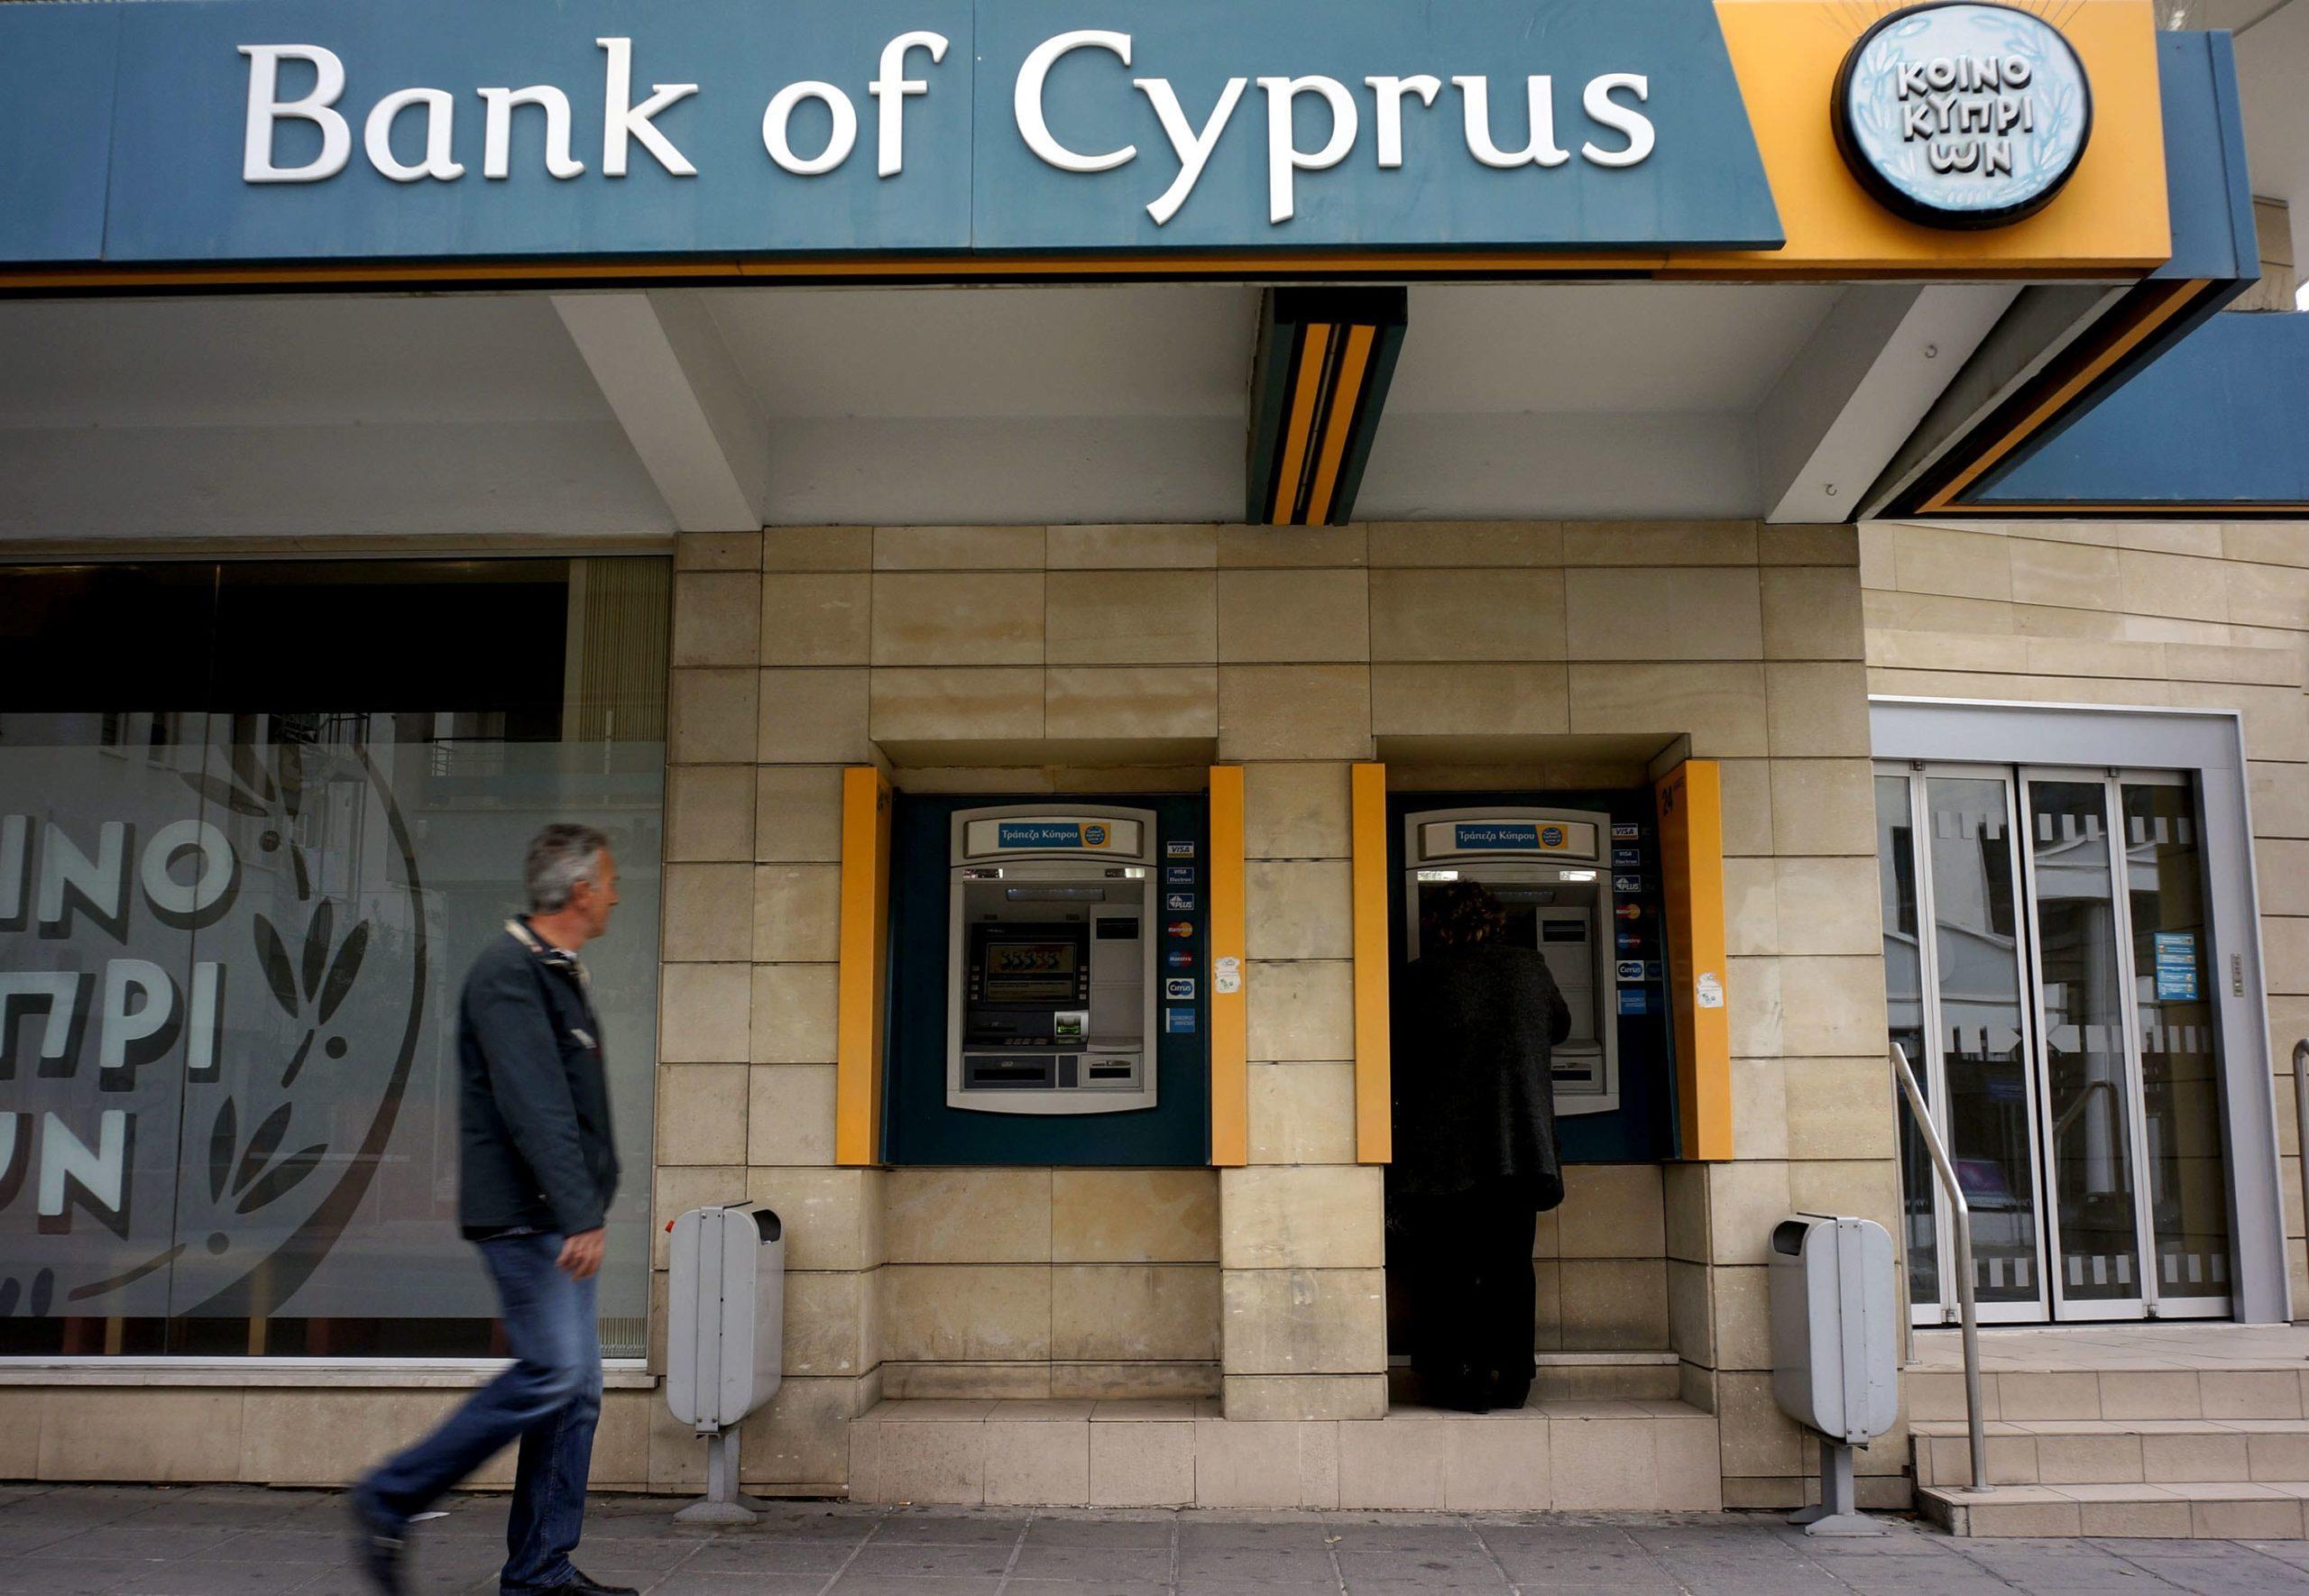 Кипрские банки теряют доверие клиентов